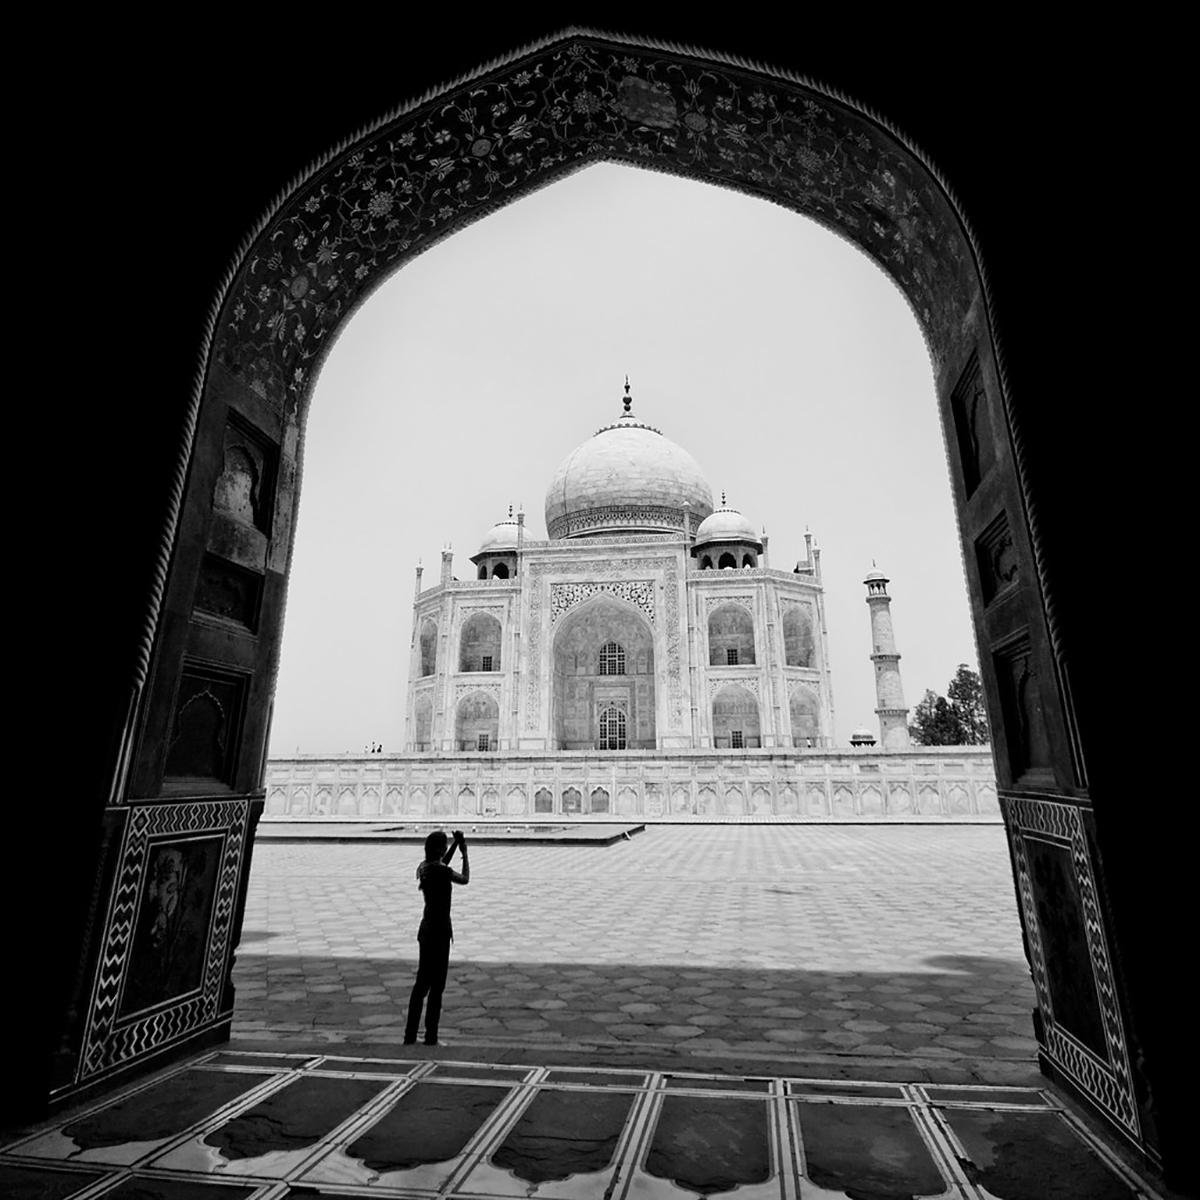 Memaksimalkan Komposisi Foto Landscape masjid dalam hitam putih